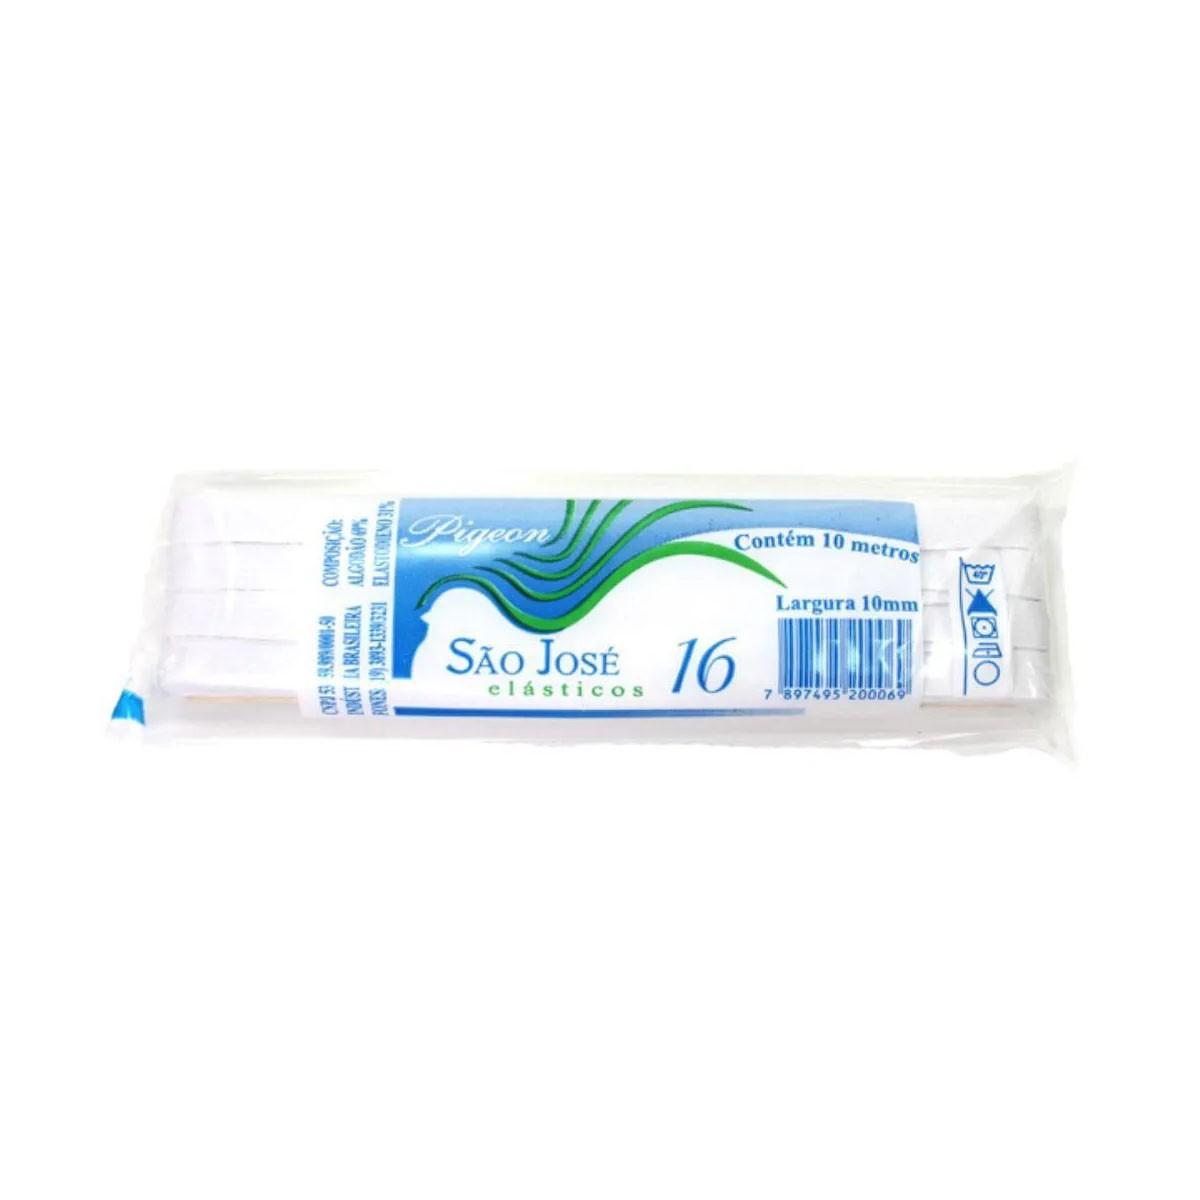 - Elástico Chato - Nº16 (10mm) - Branco - 10 Metros